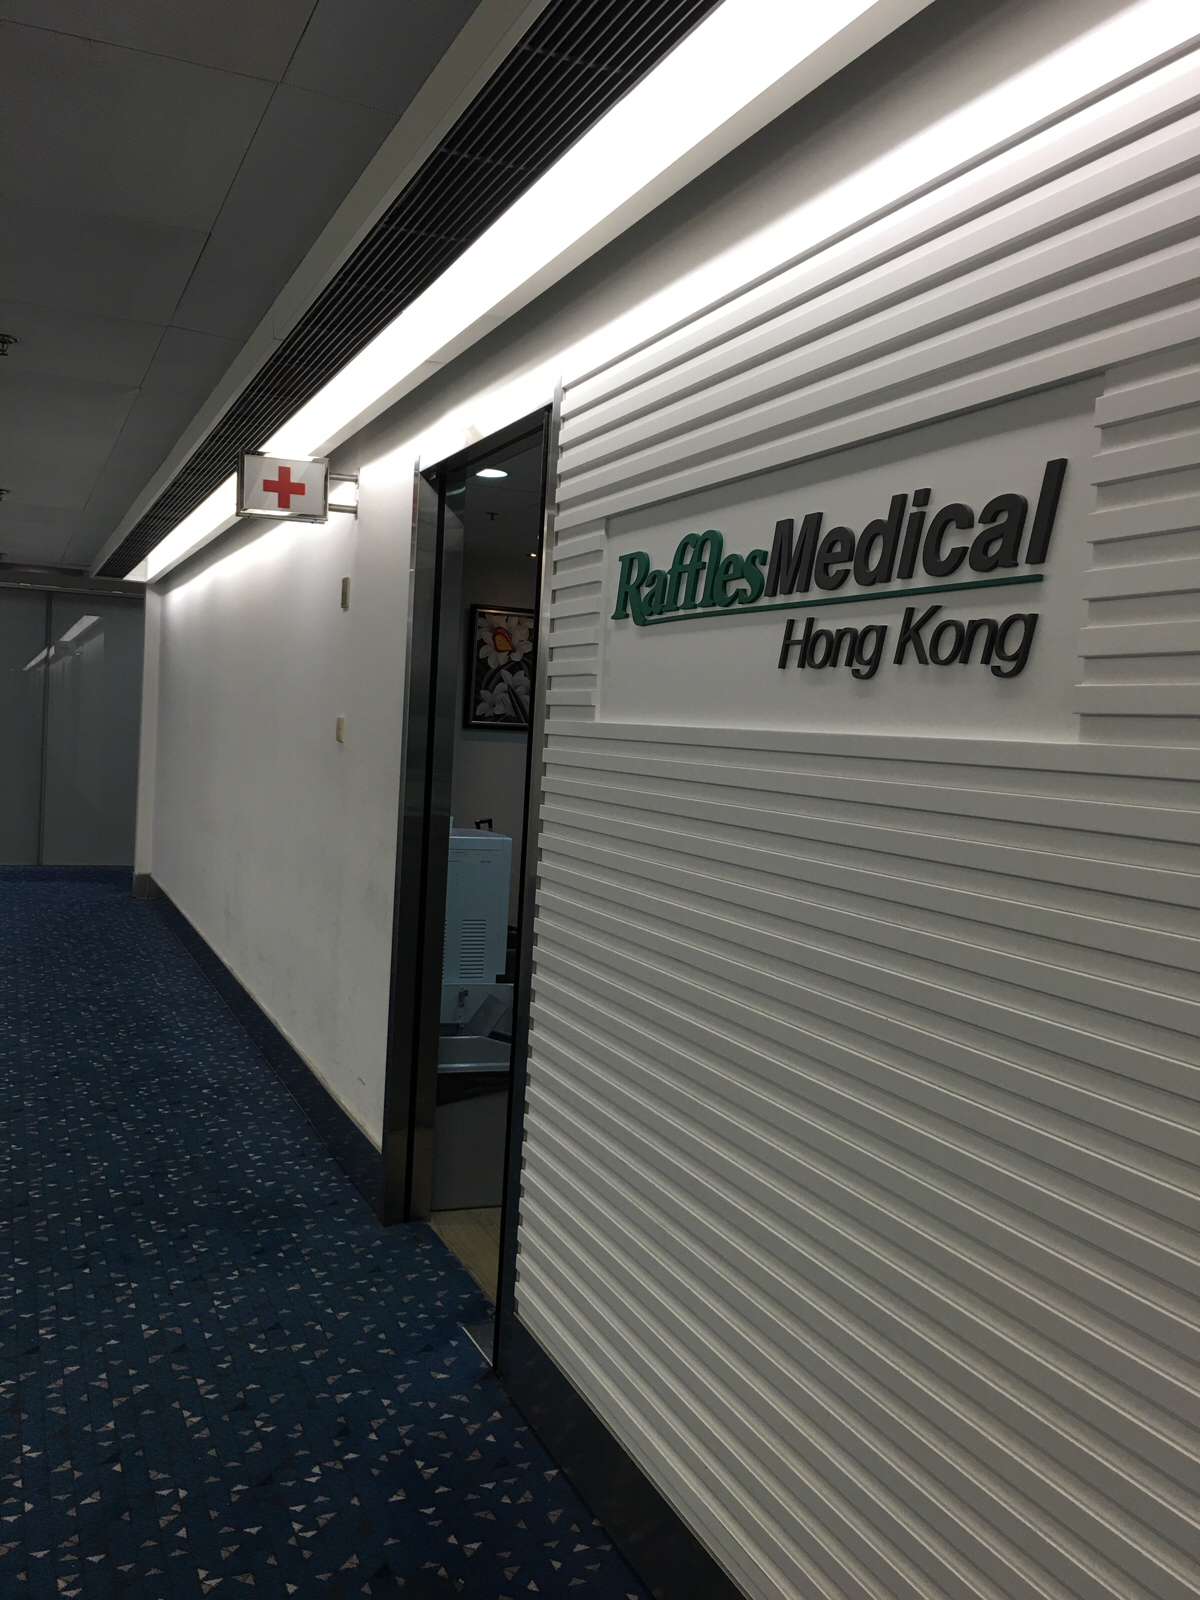 香港の病院ランキングのサイトで一番大切なことは?